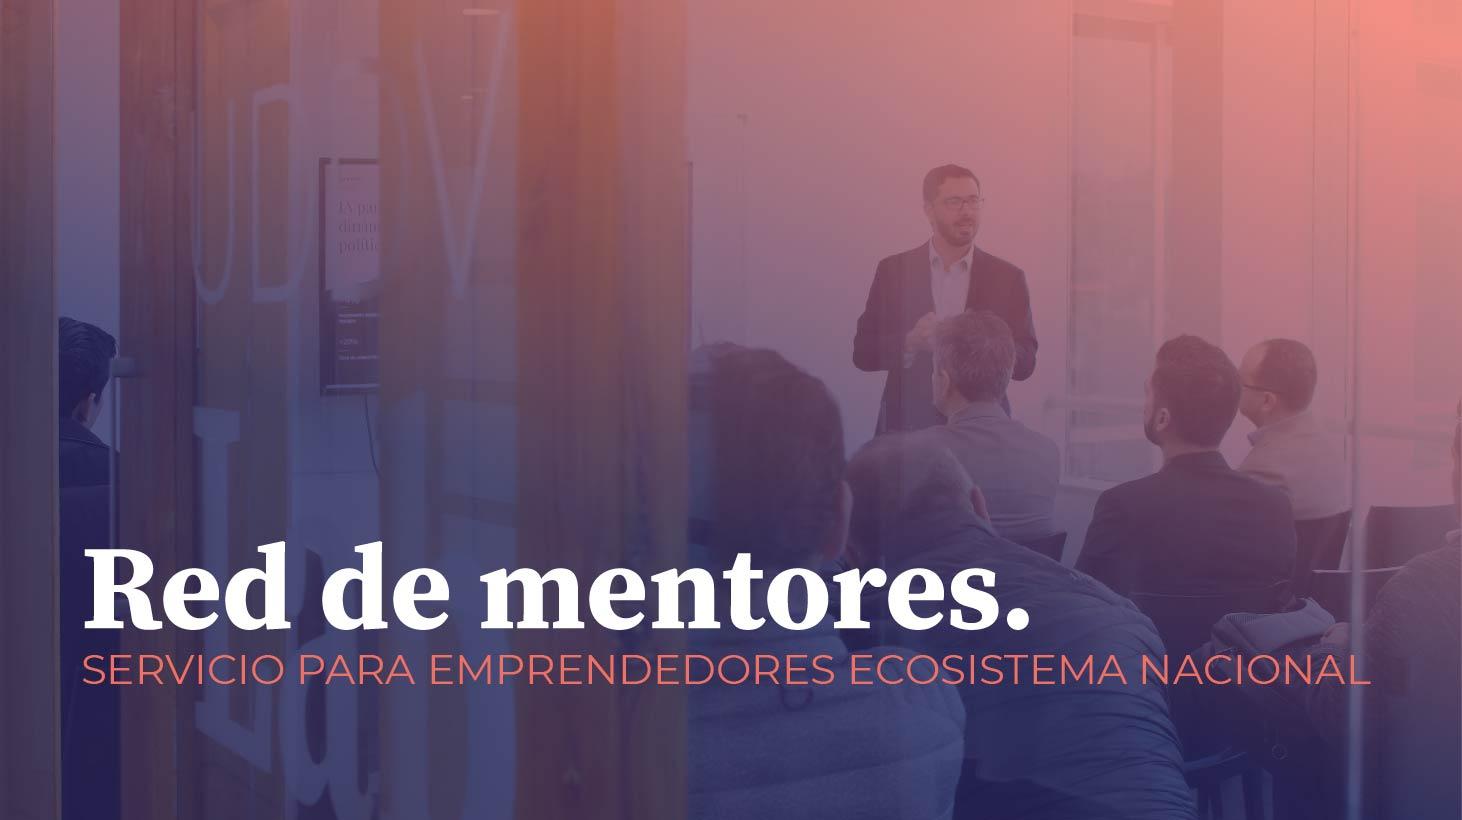 red-mentores-emprendedores-externos-01-01